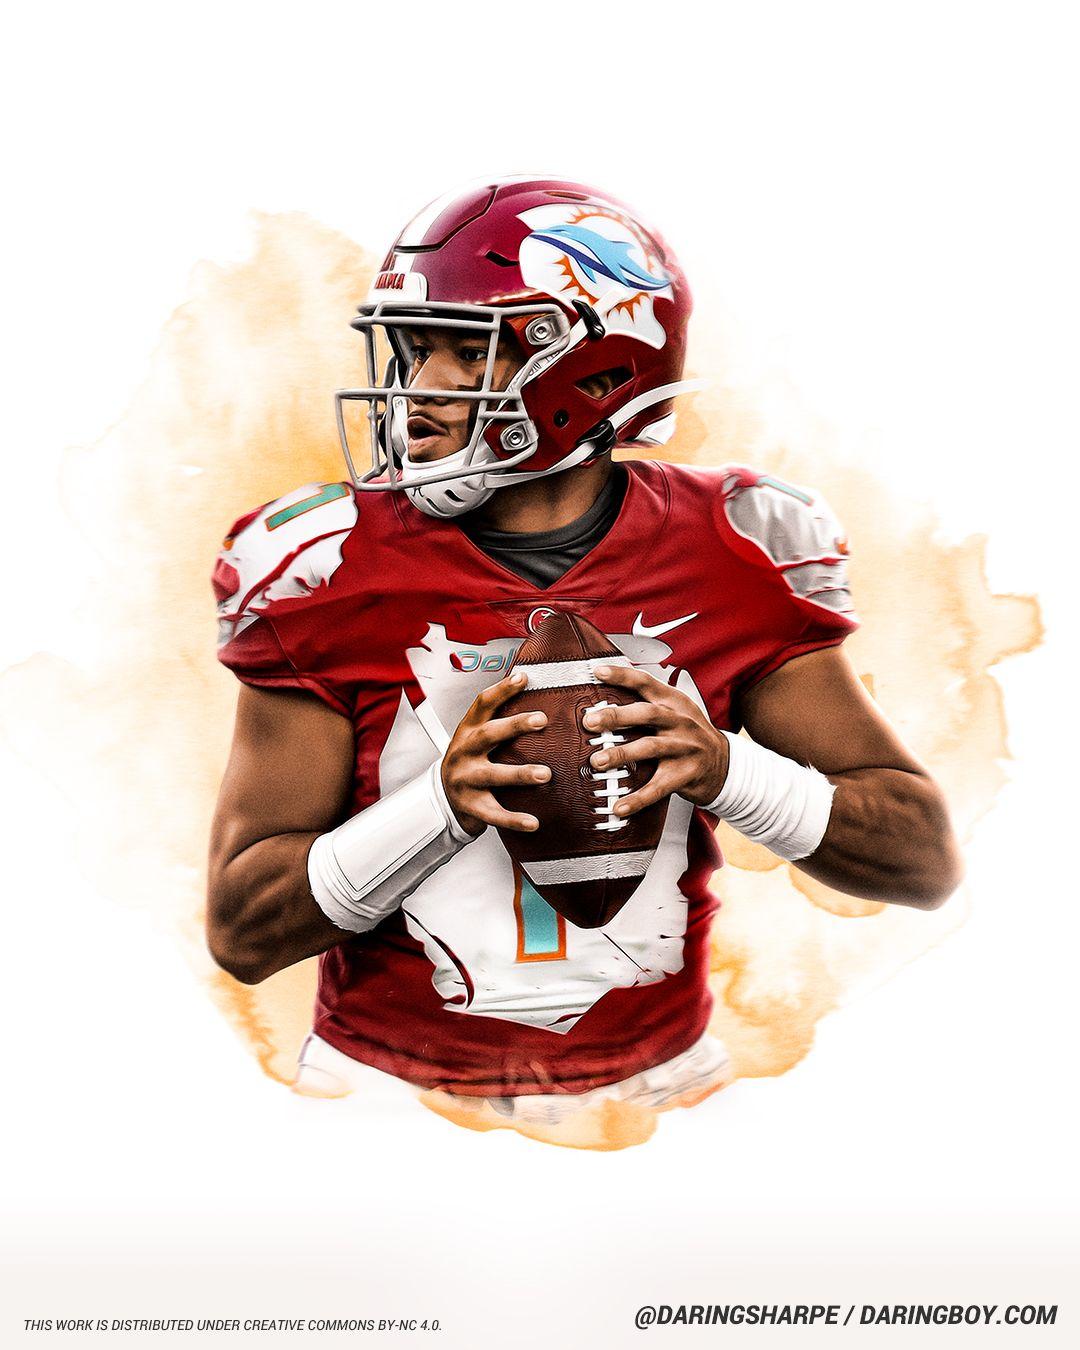 Tua Tagovailoa Miami Dolphins Alabama Crimson Tide In 2020 Miami Dolphins Football Nfl Football Art Crimson Tide Football